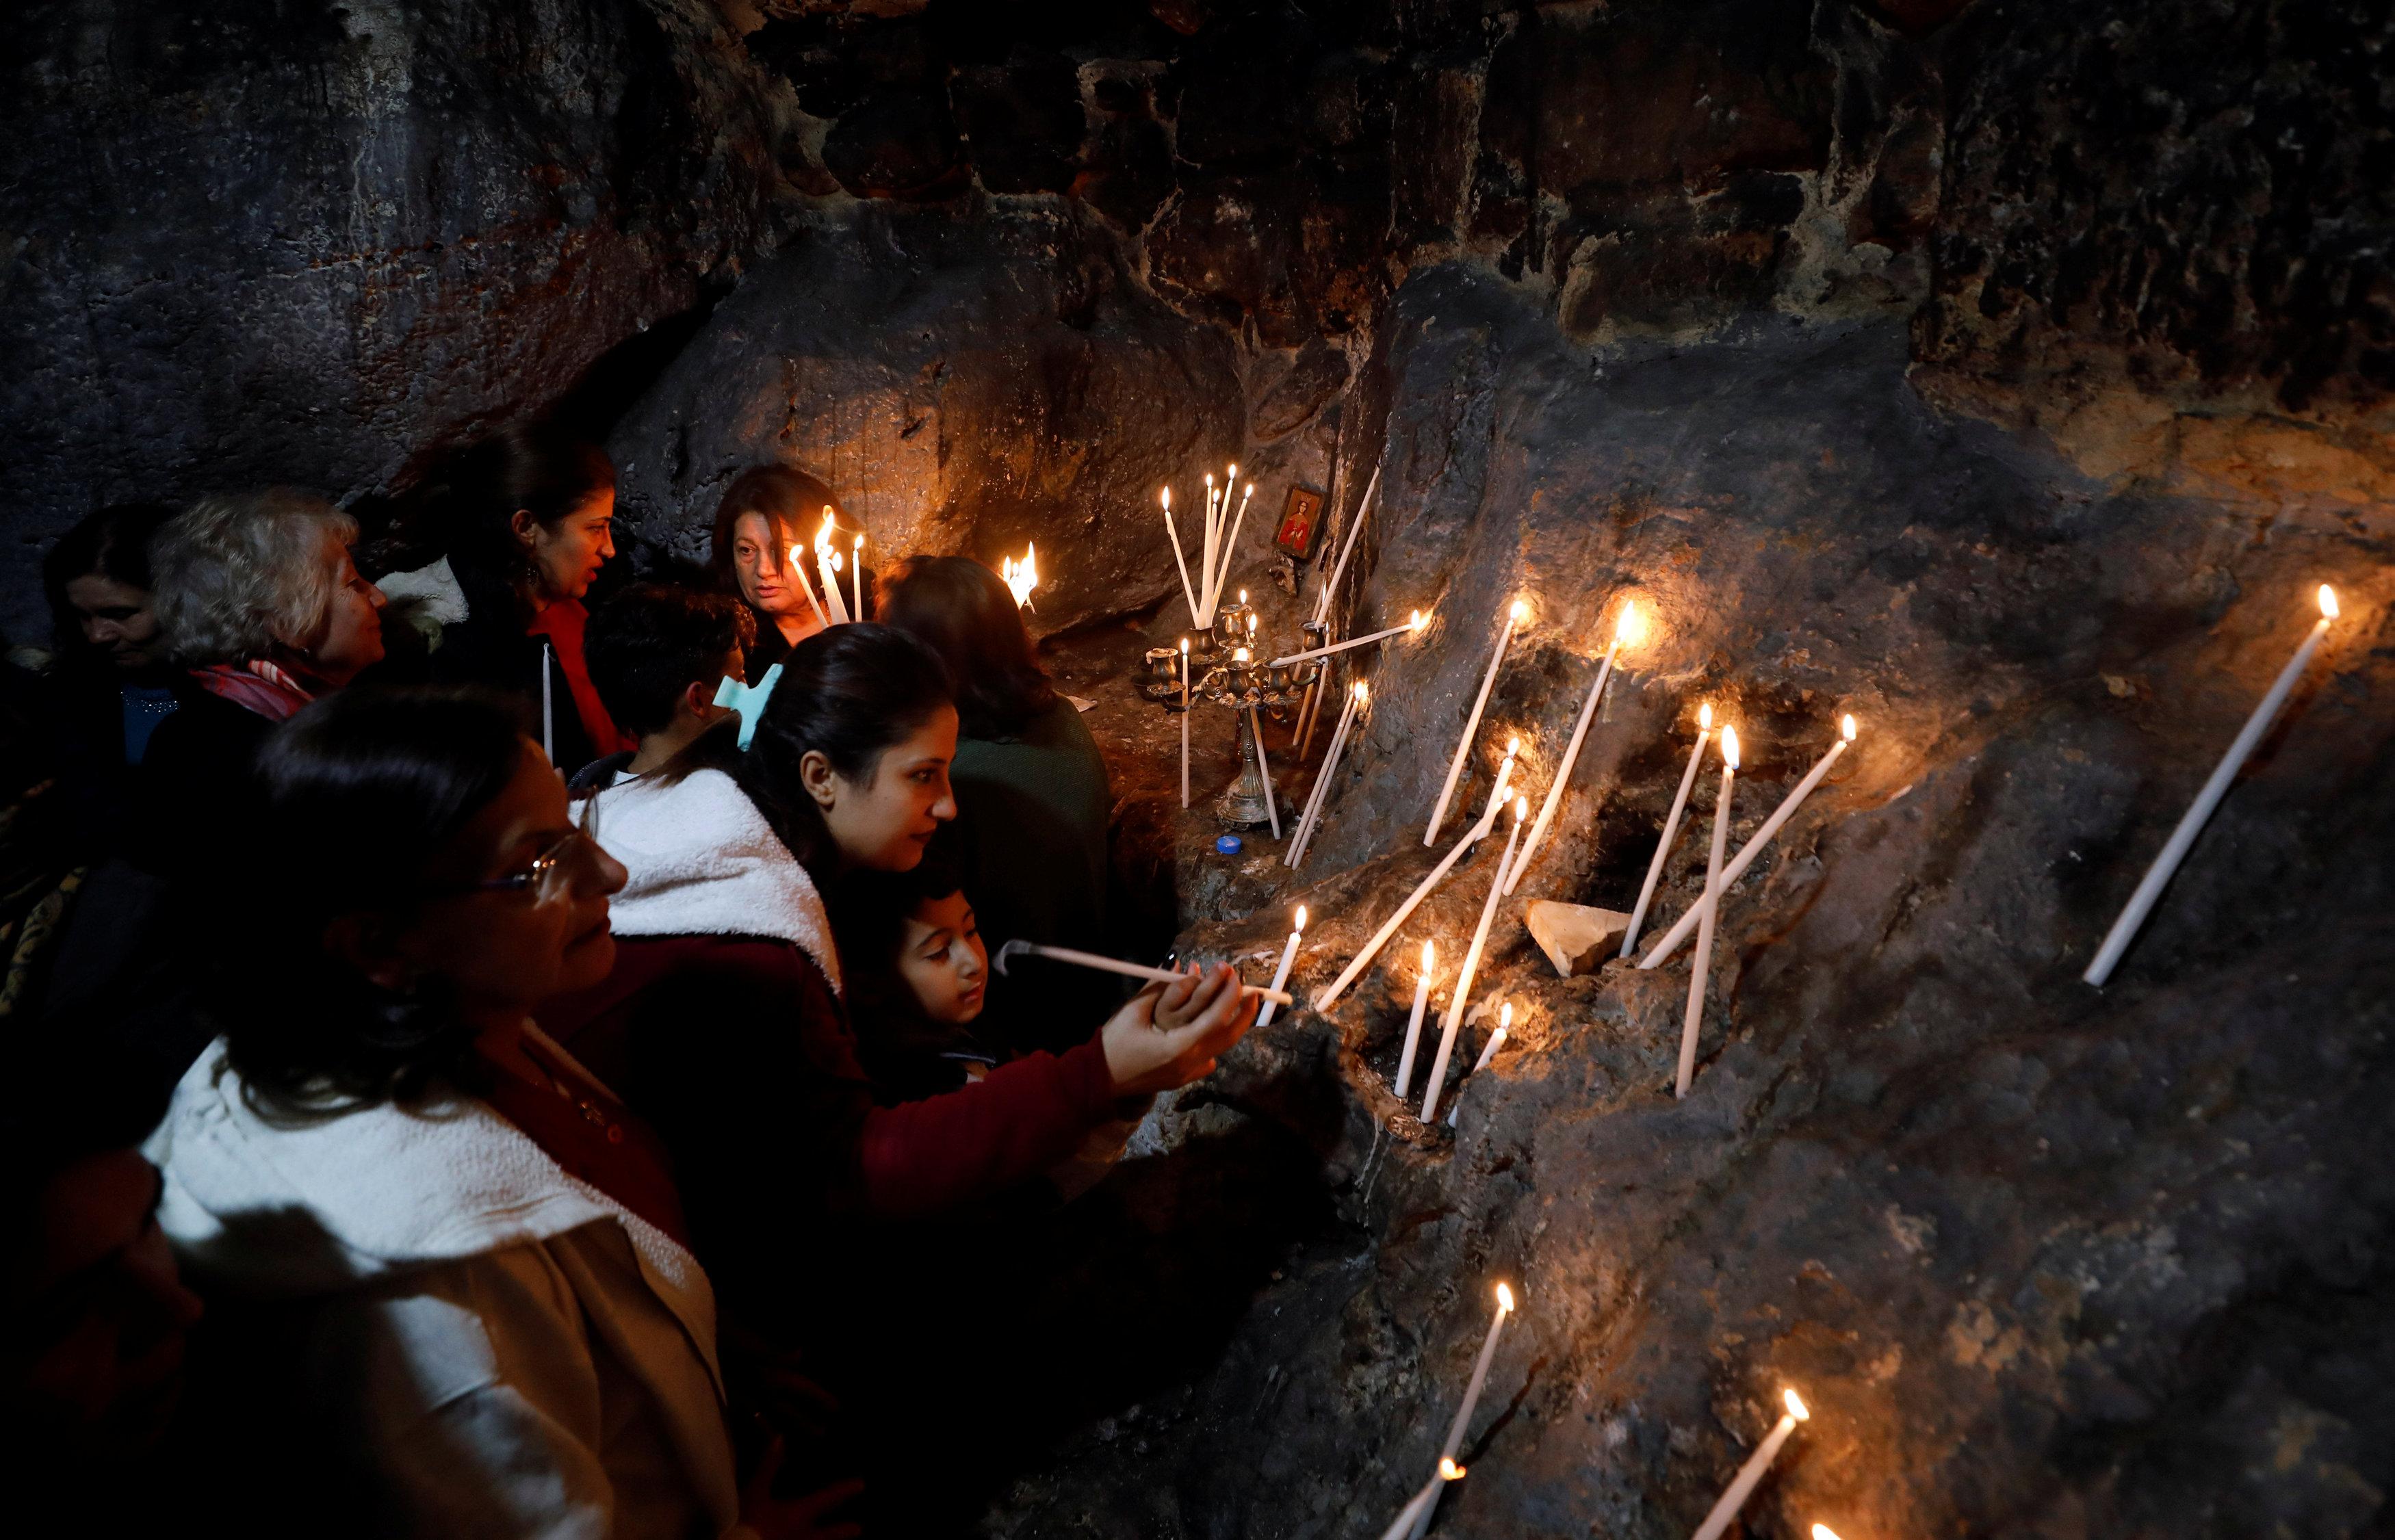 فلسطينيون يضيئون الشموع احتفالا بالمناسبة الدينية